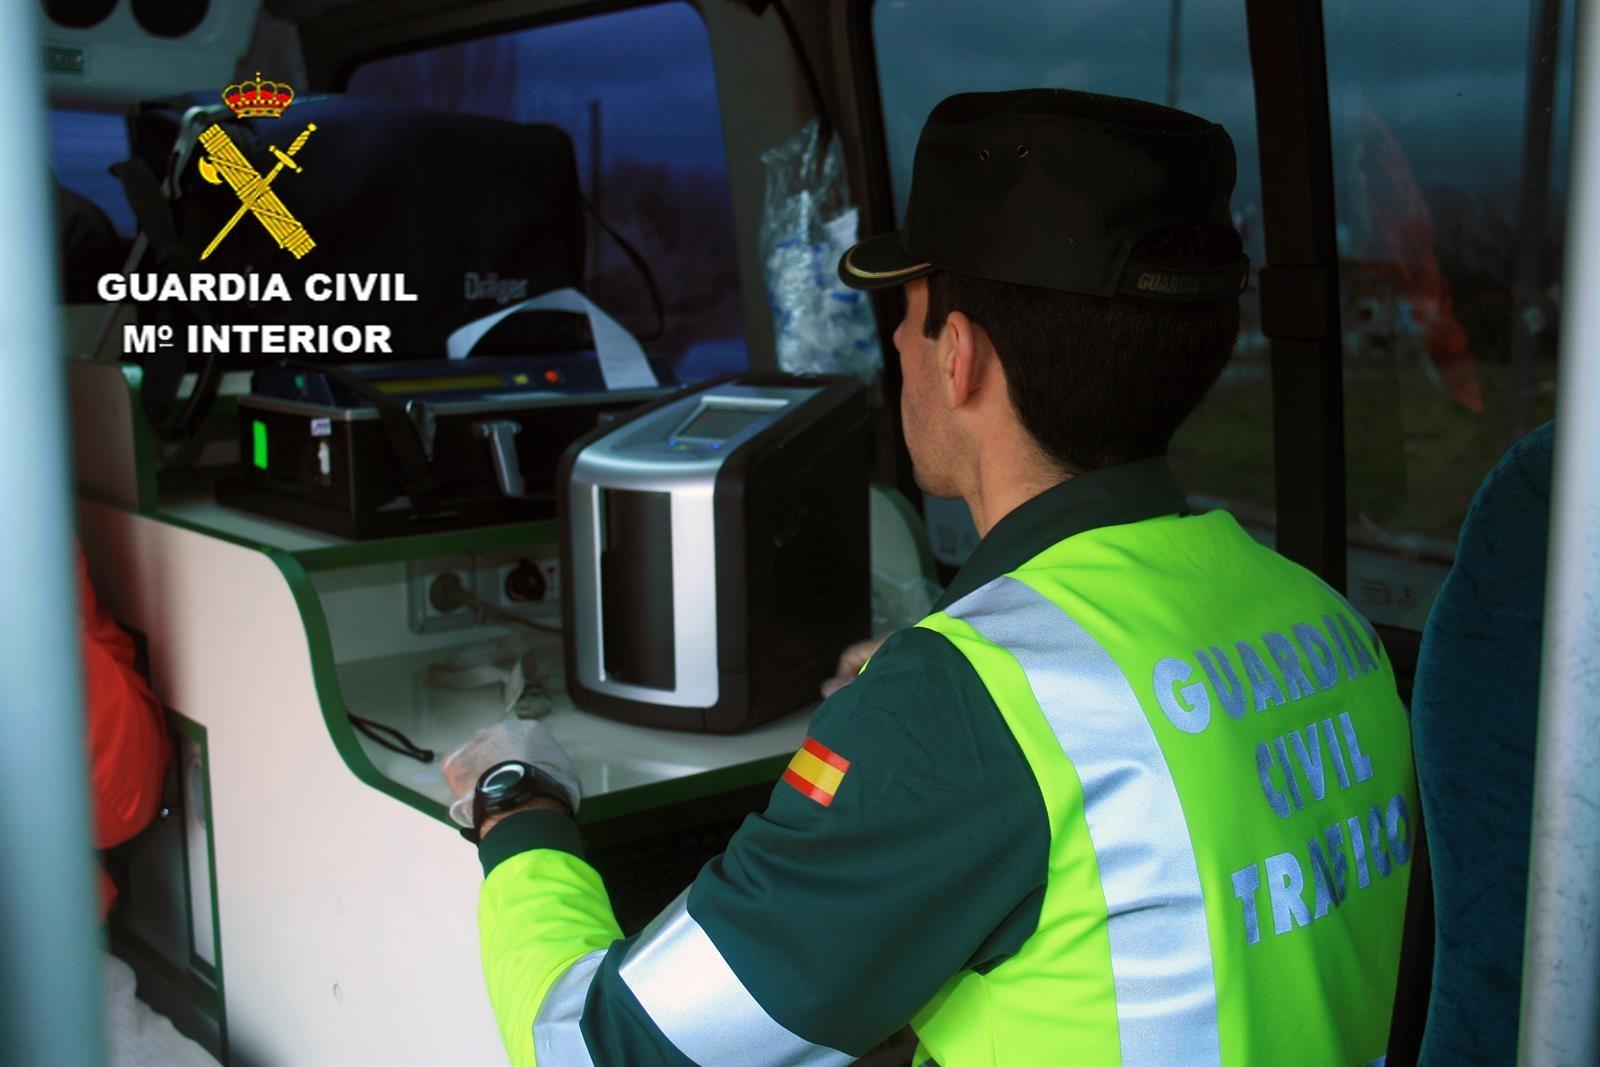 Investigado un camionero de Almuñécar por circular sextuplicando la tasa de alcoholemia permitida